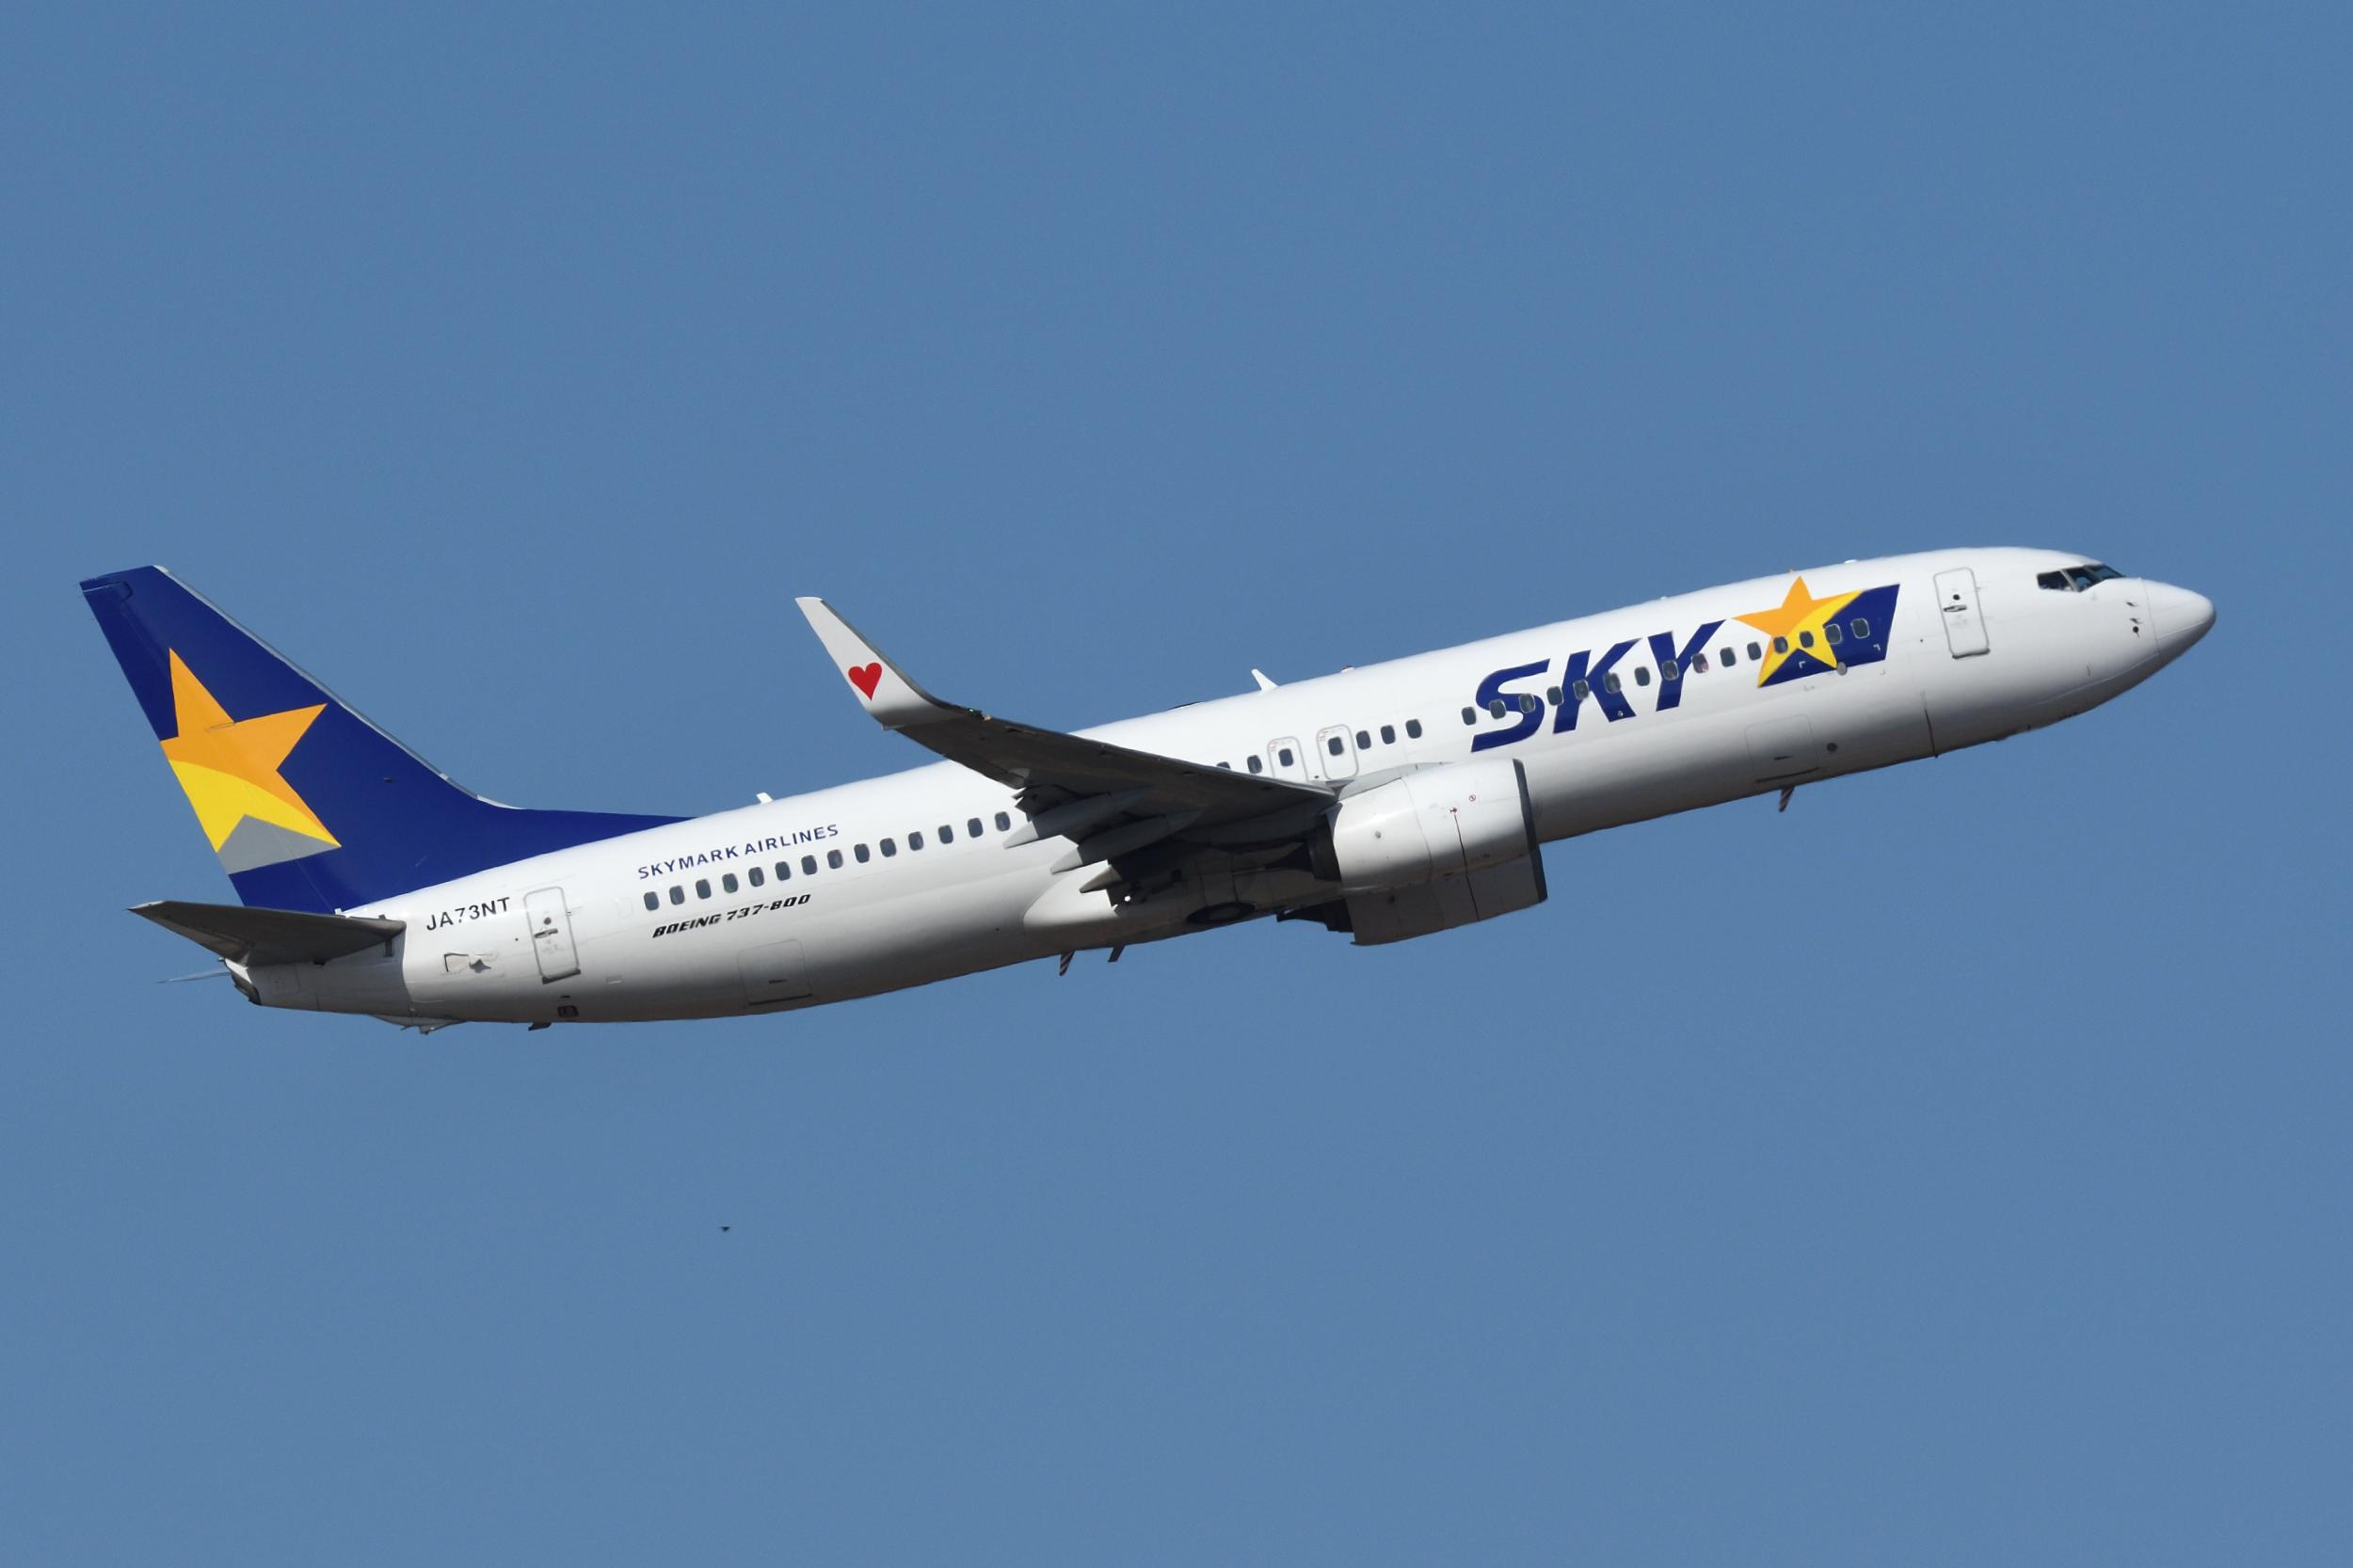 ロイヤルブルネイ航空、6月は香港、マニラなど5都市へ国際線を運航